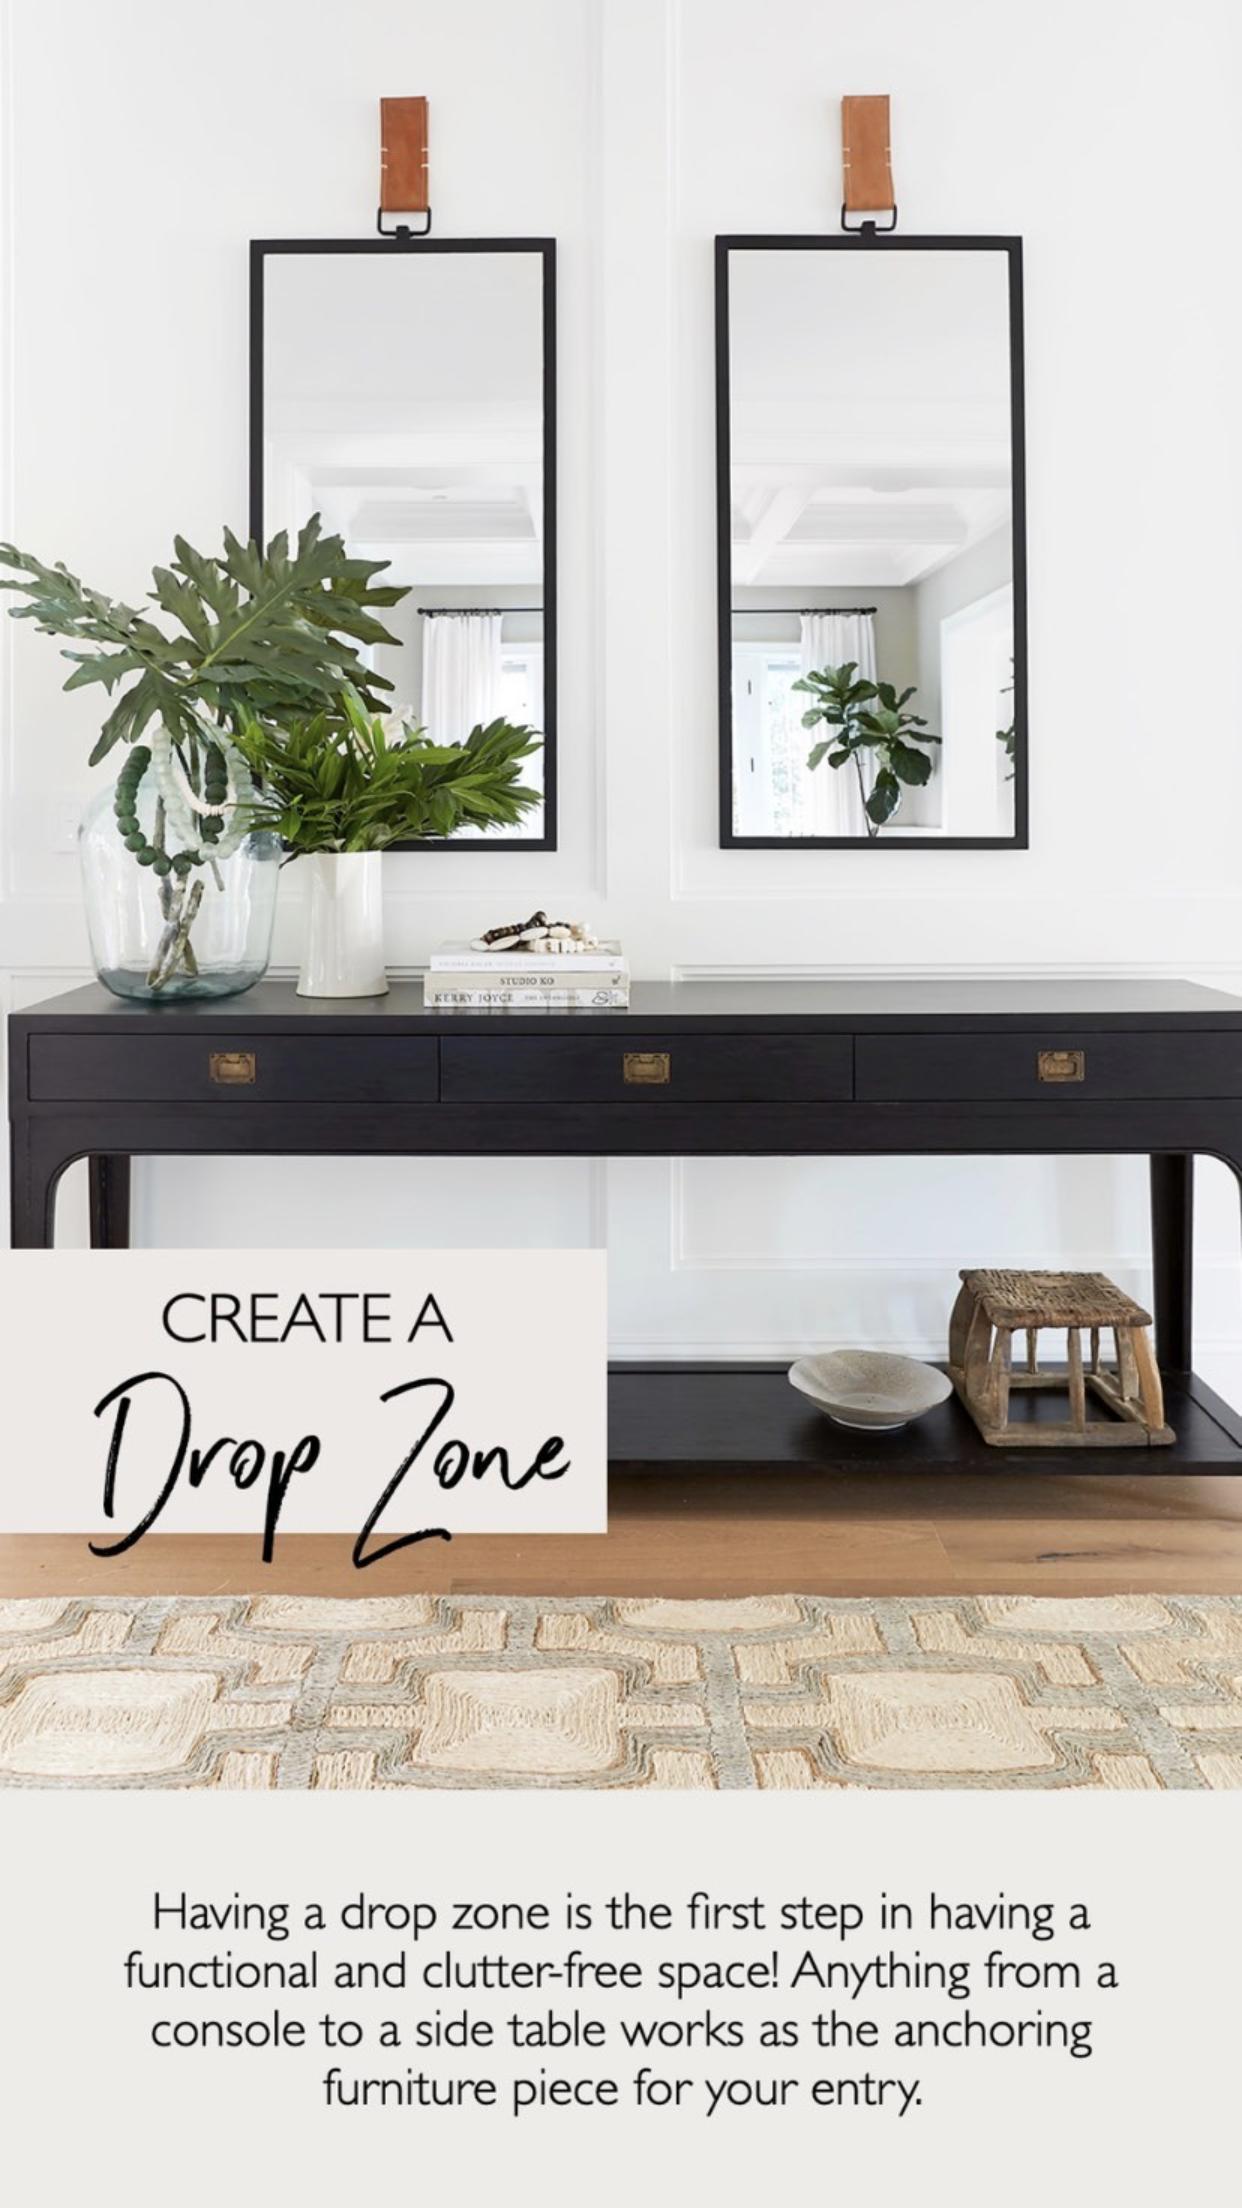 Entry Decor | INTERIOR DESIGN TIPS AND TRICK | #DesignTips #InteriorDesign #InteriorDesignTips #Tips #DecorTips #DesignGuide #InteriorDesignGuide #HomeDecor #EntryDecor